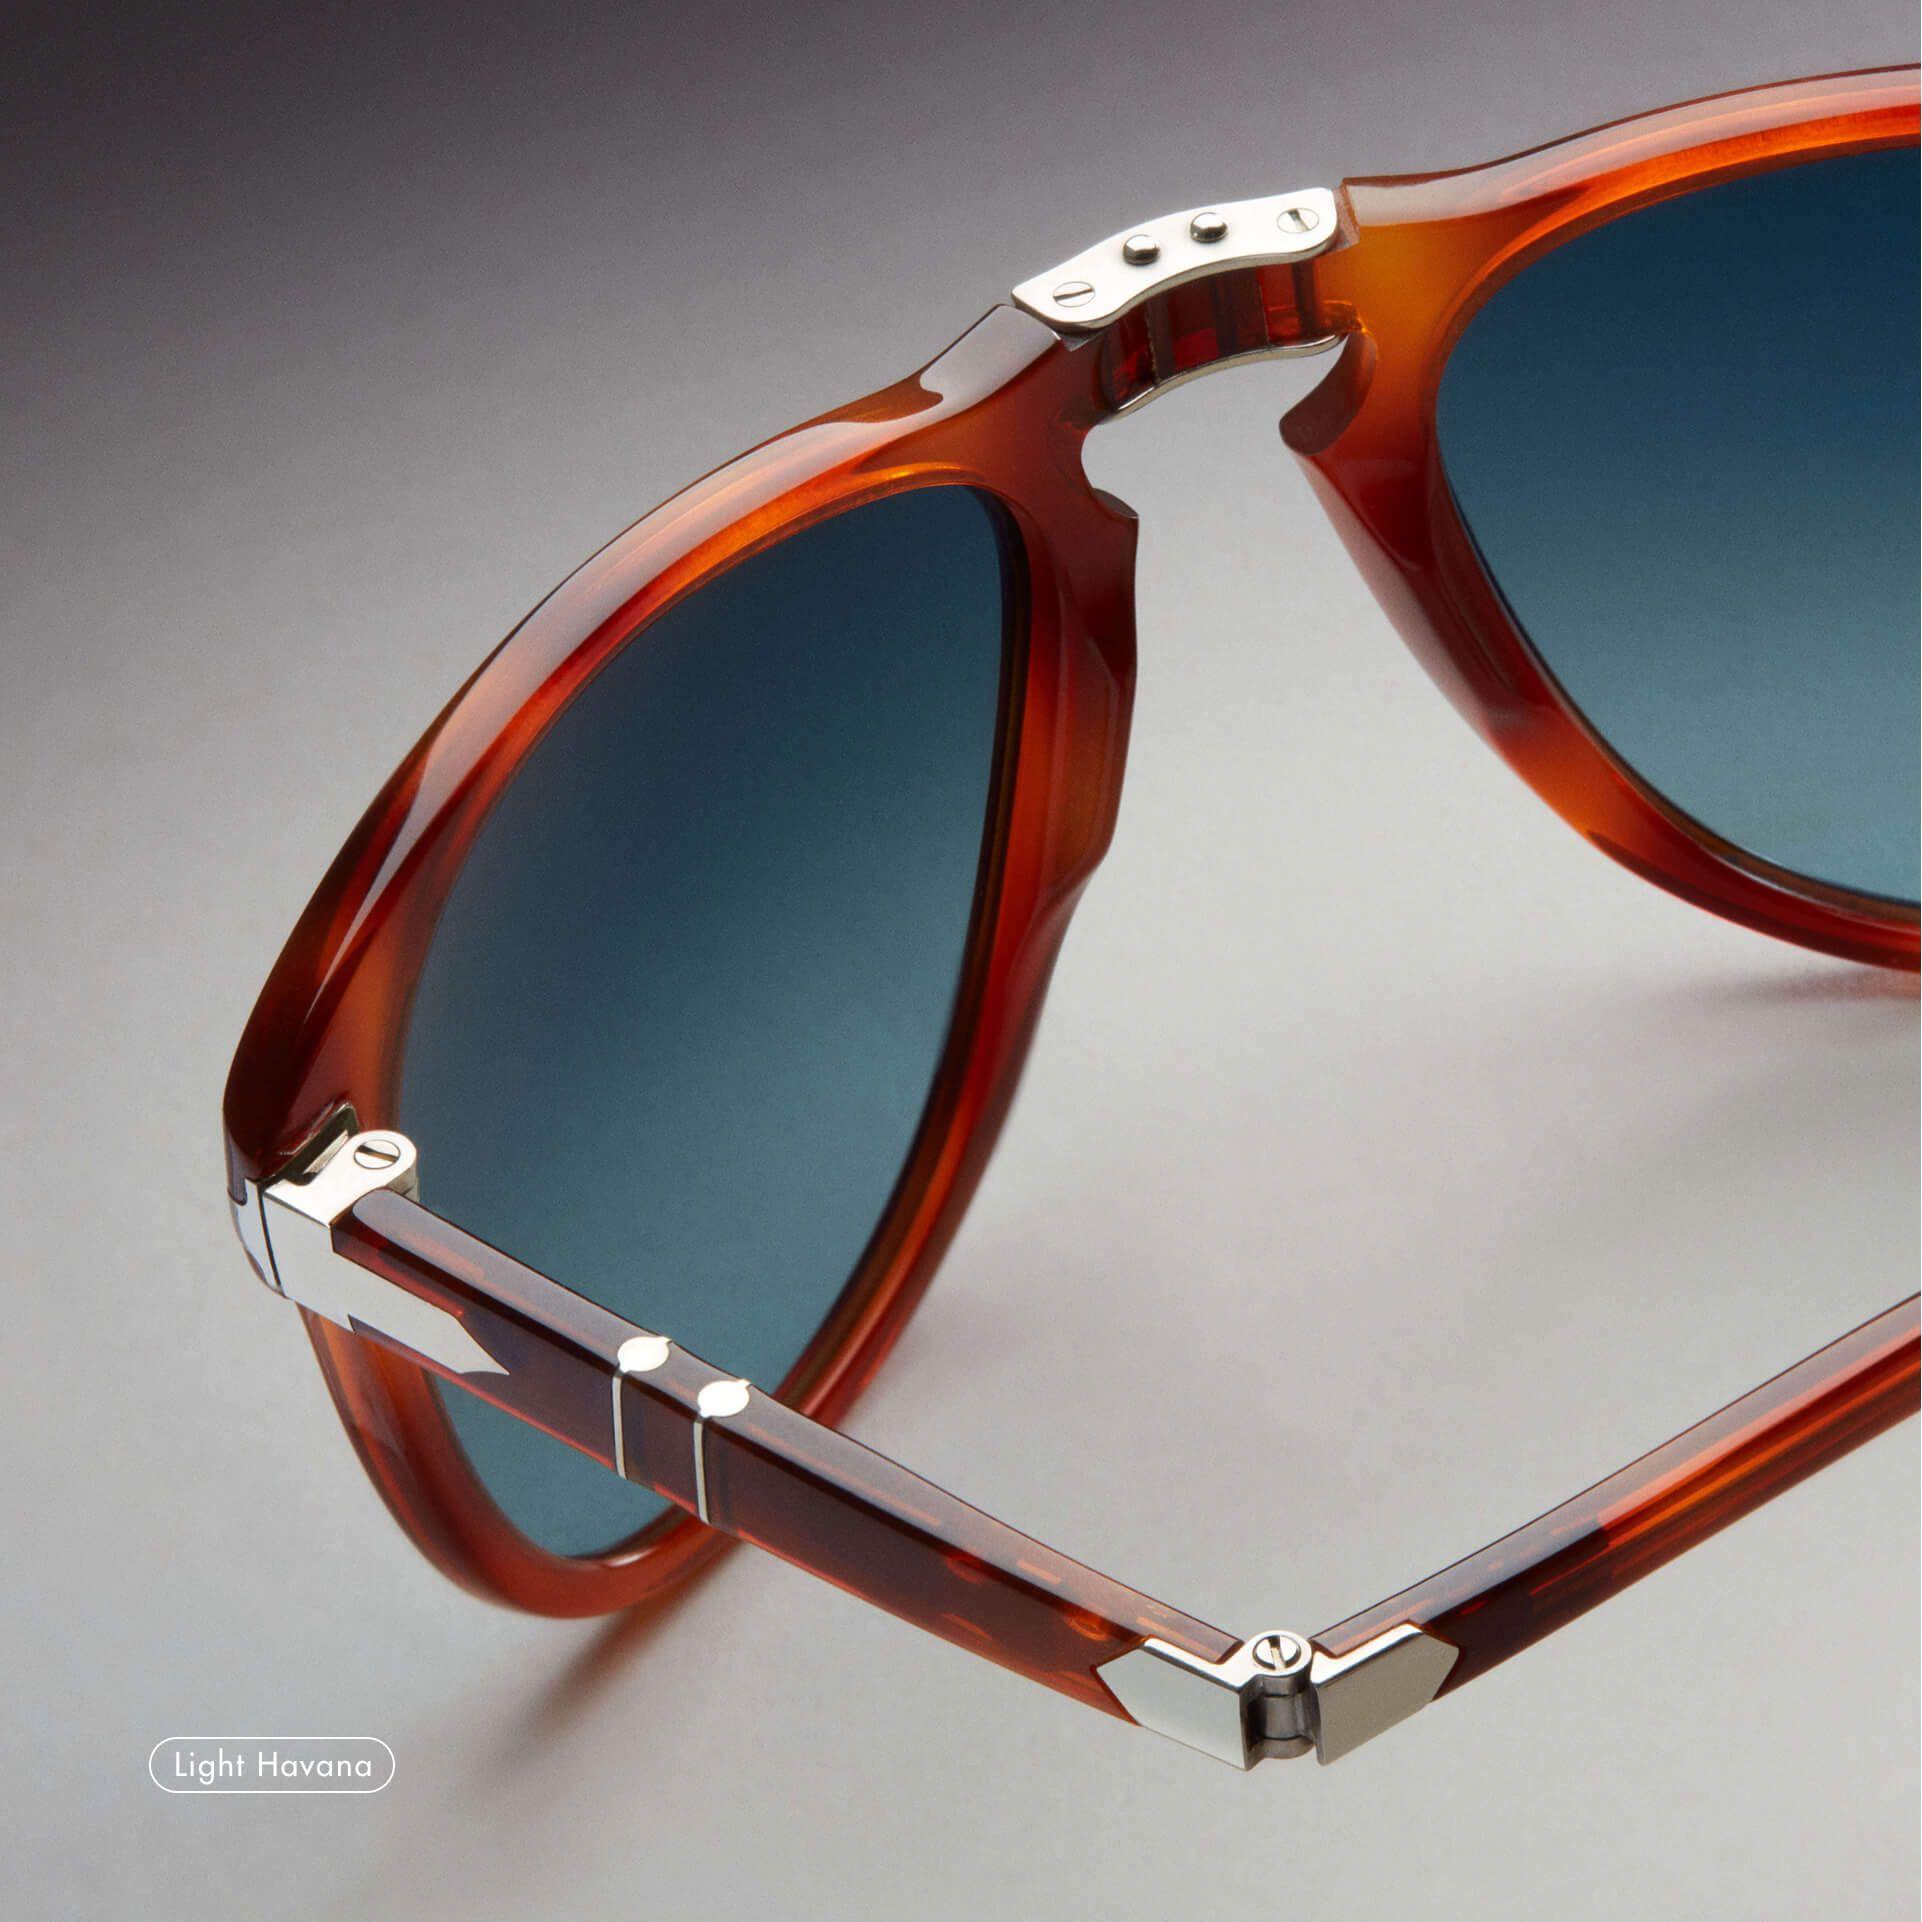 3b70af6a212a Persol Steve McQueen Sunglasses | Persol USA